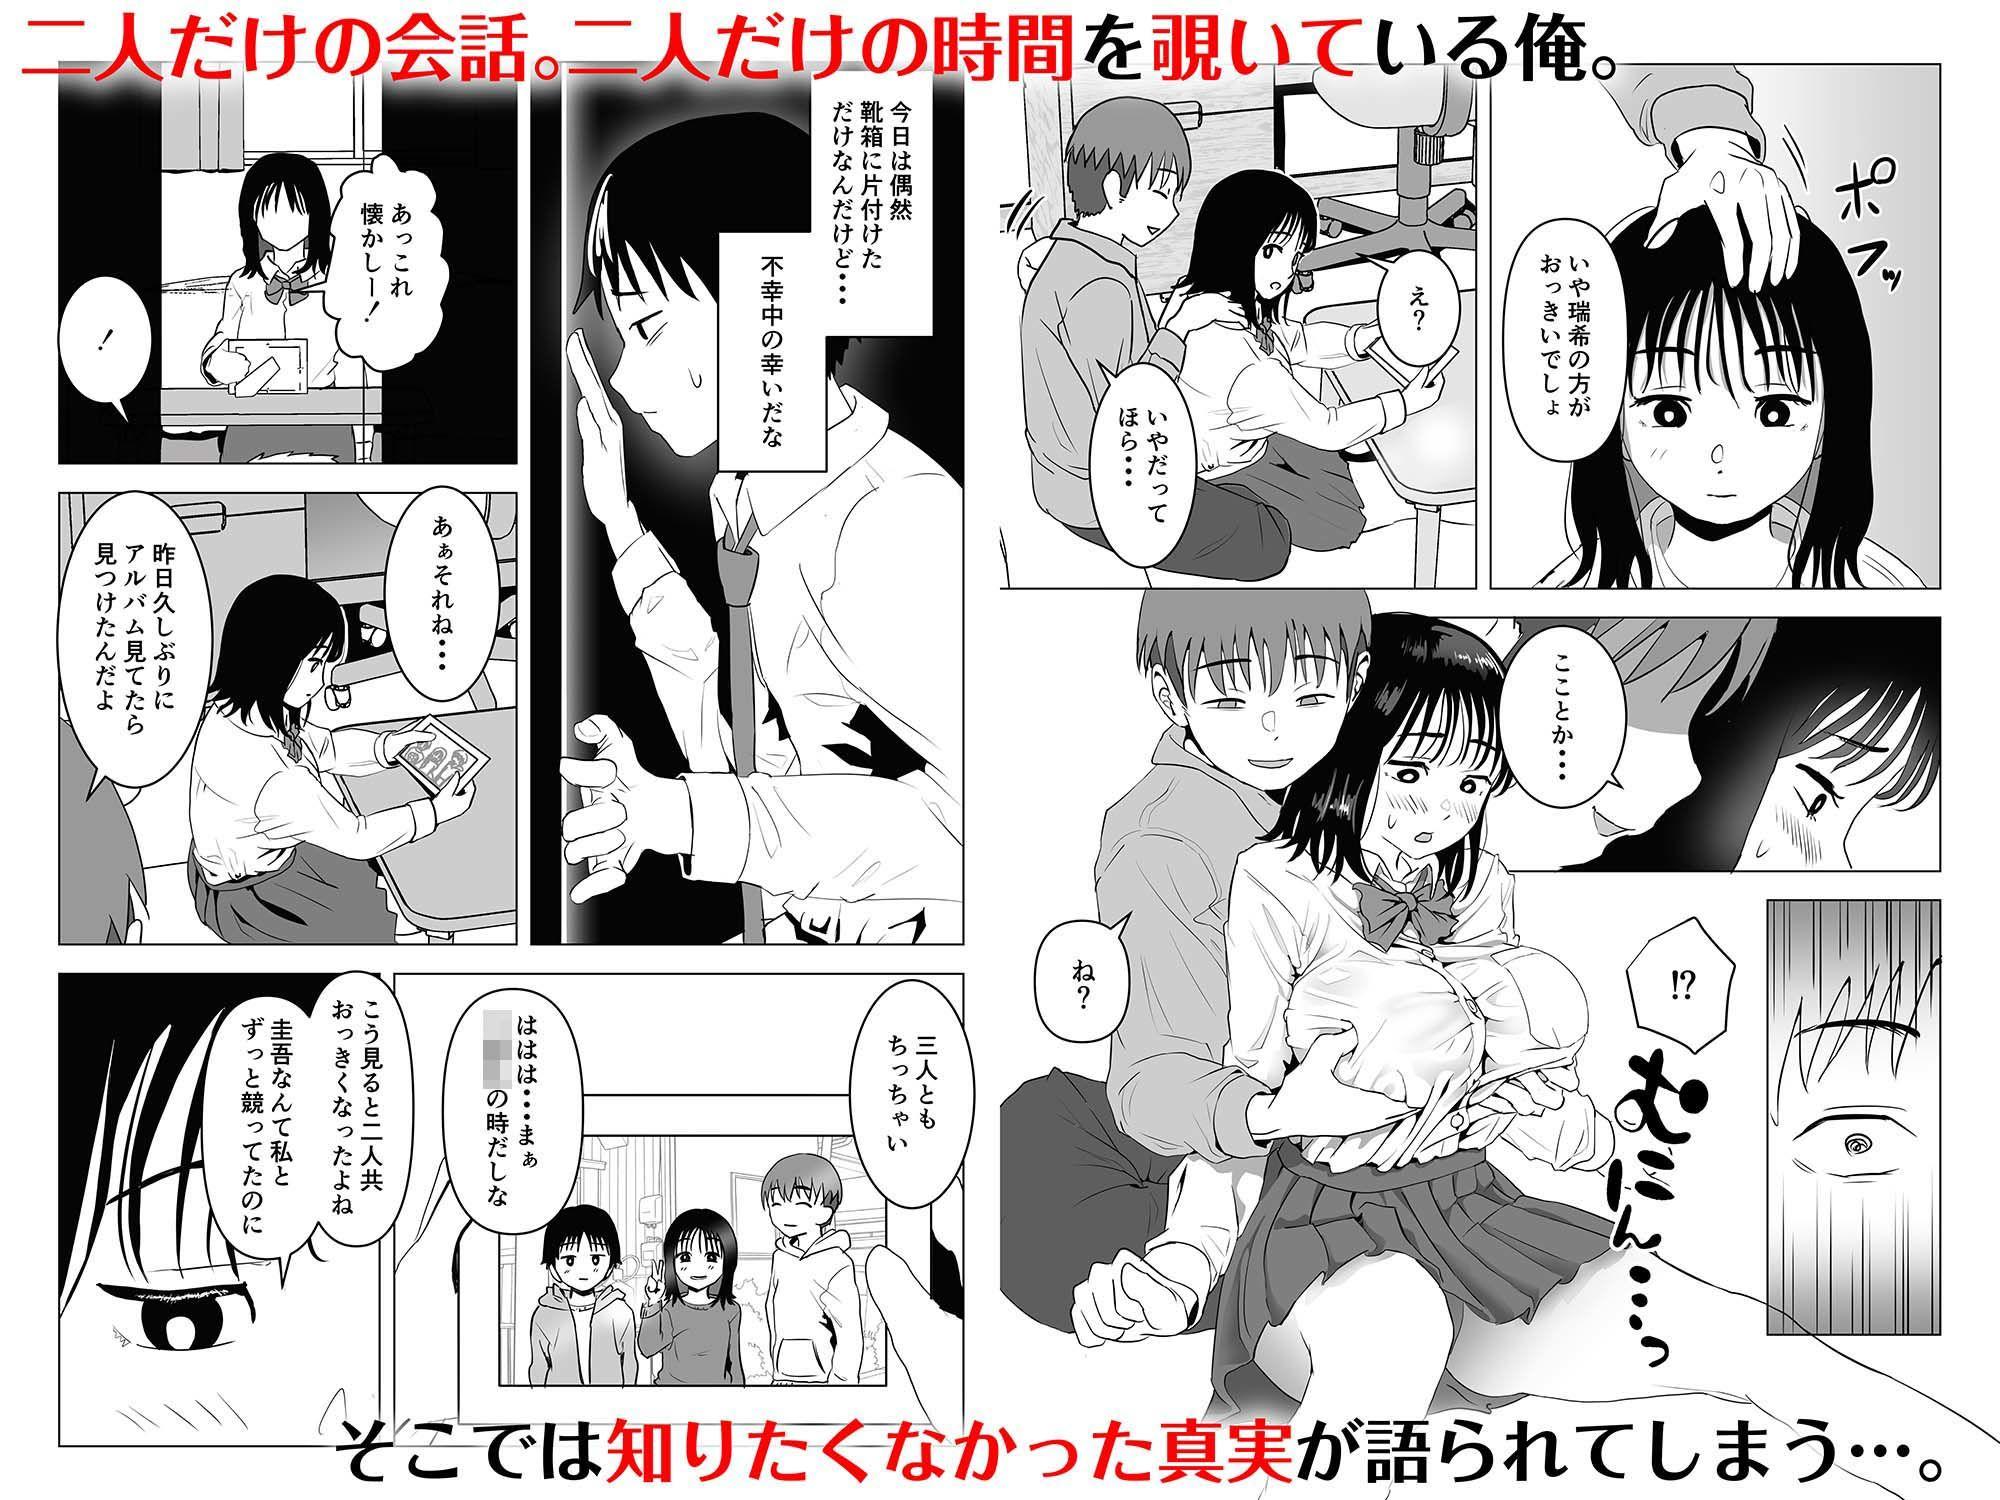 【エロ漫画】俺の巨乳幼馴染が兄貴と最近怪しい関係で‥「サークル:もちち丸」【同人誌・コミック】#6